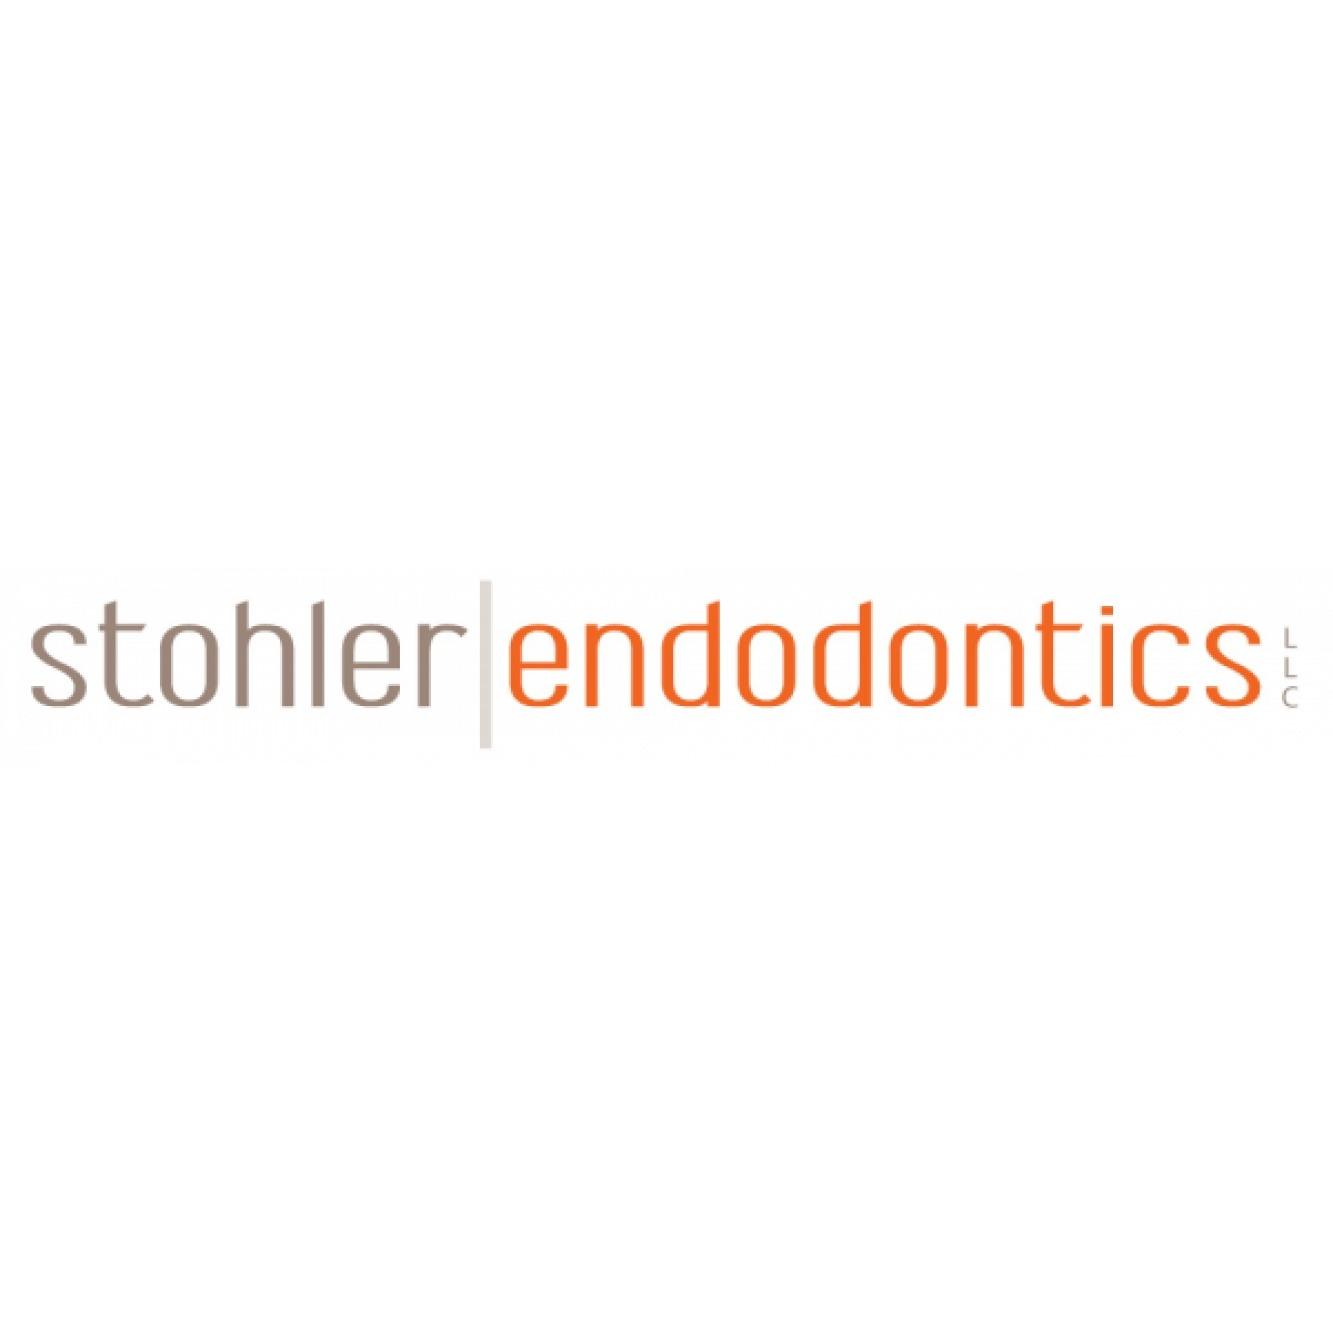 Stohler Endodontics, LLC